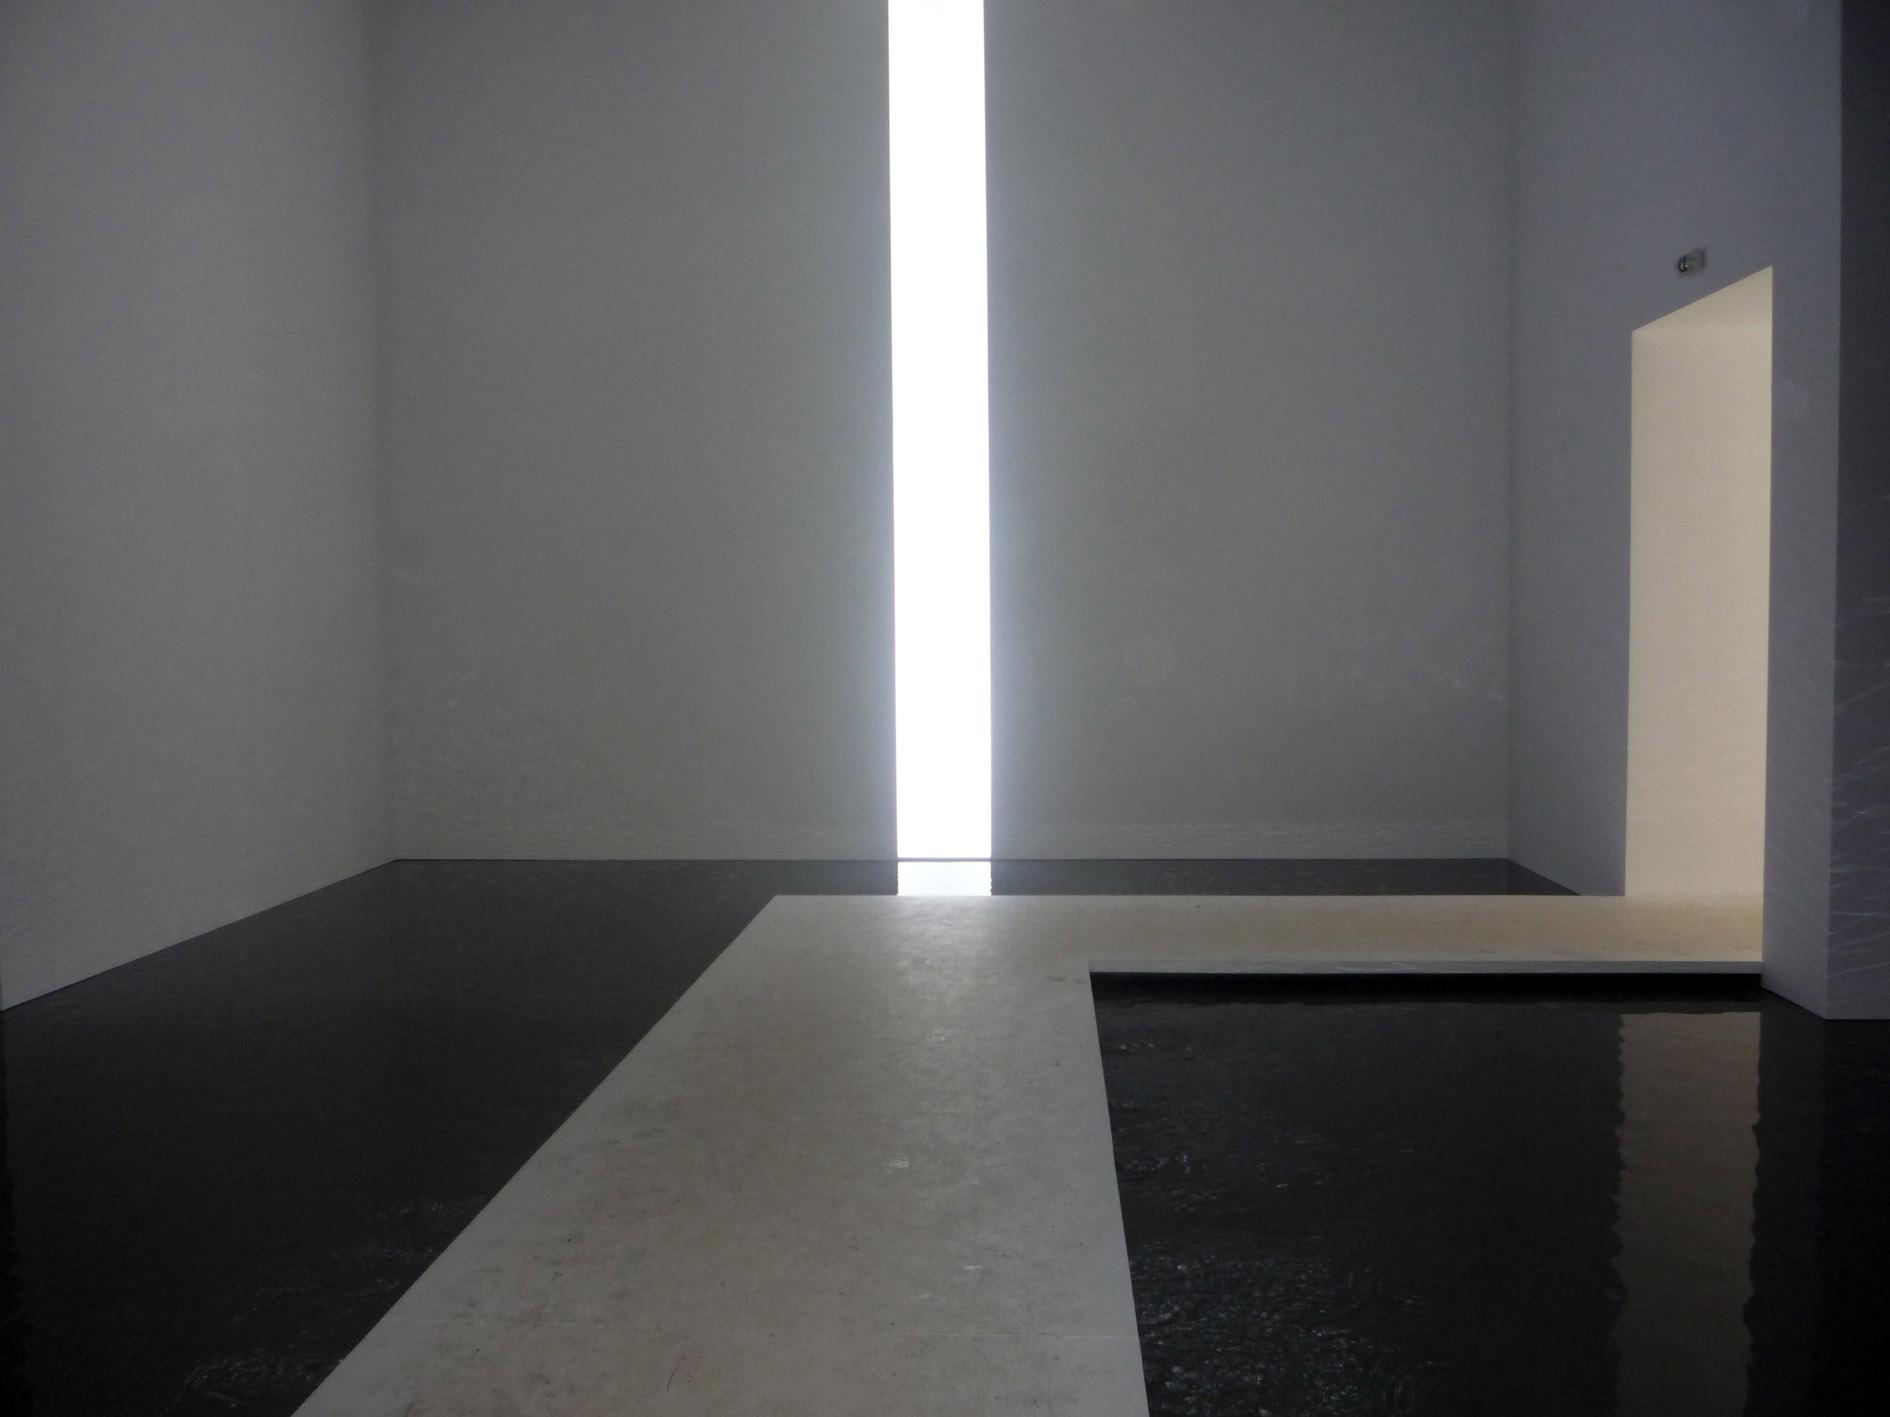 Beyond Reform, Pavillon grec, Venise